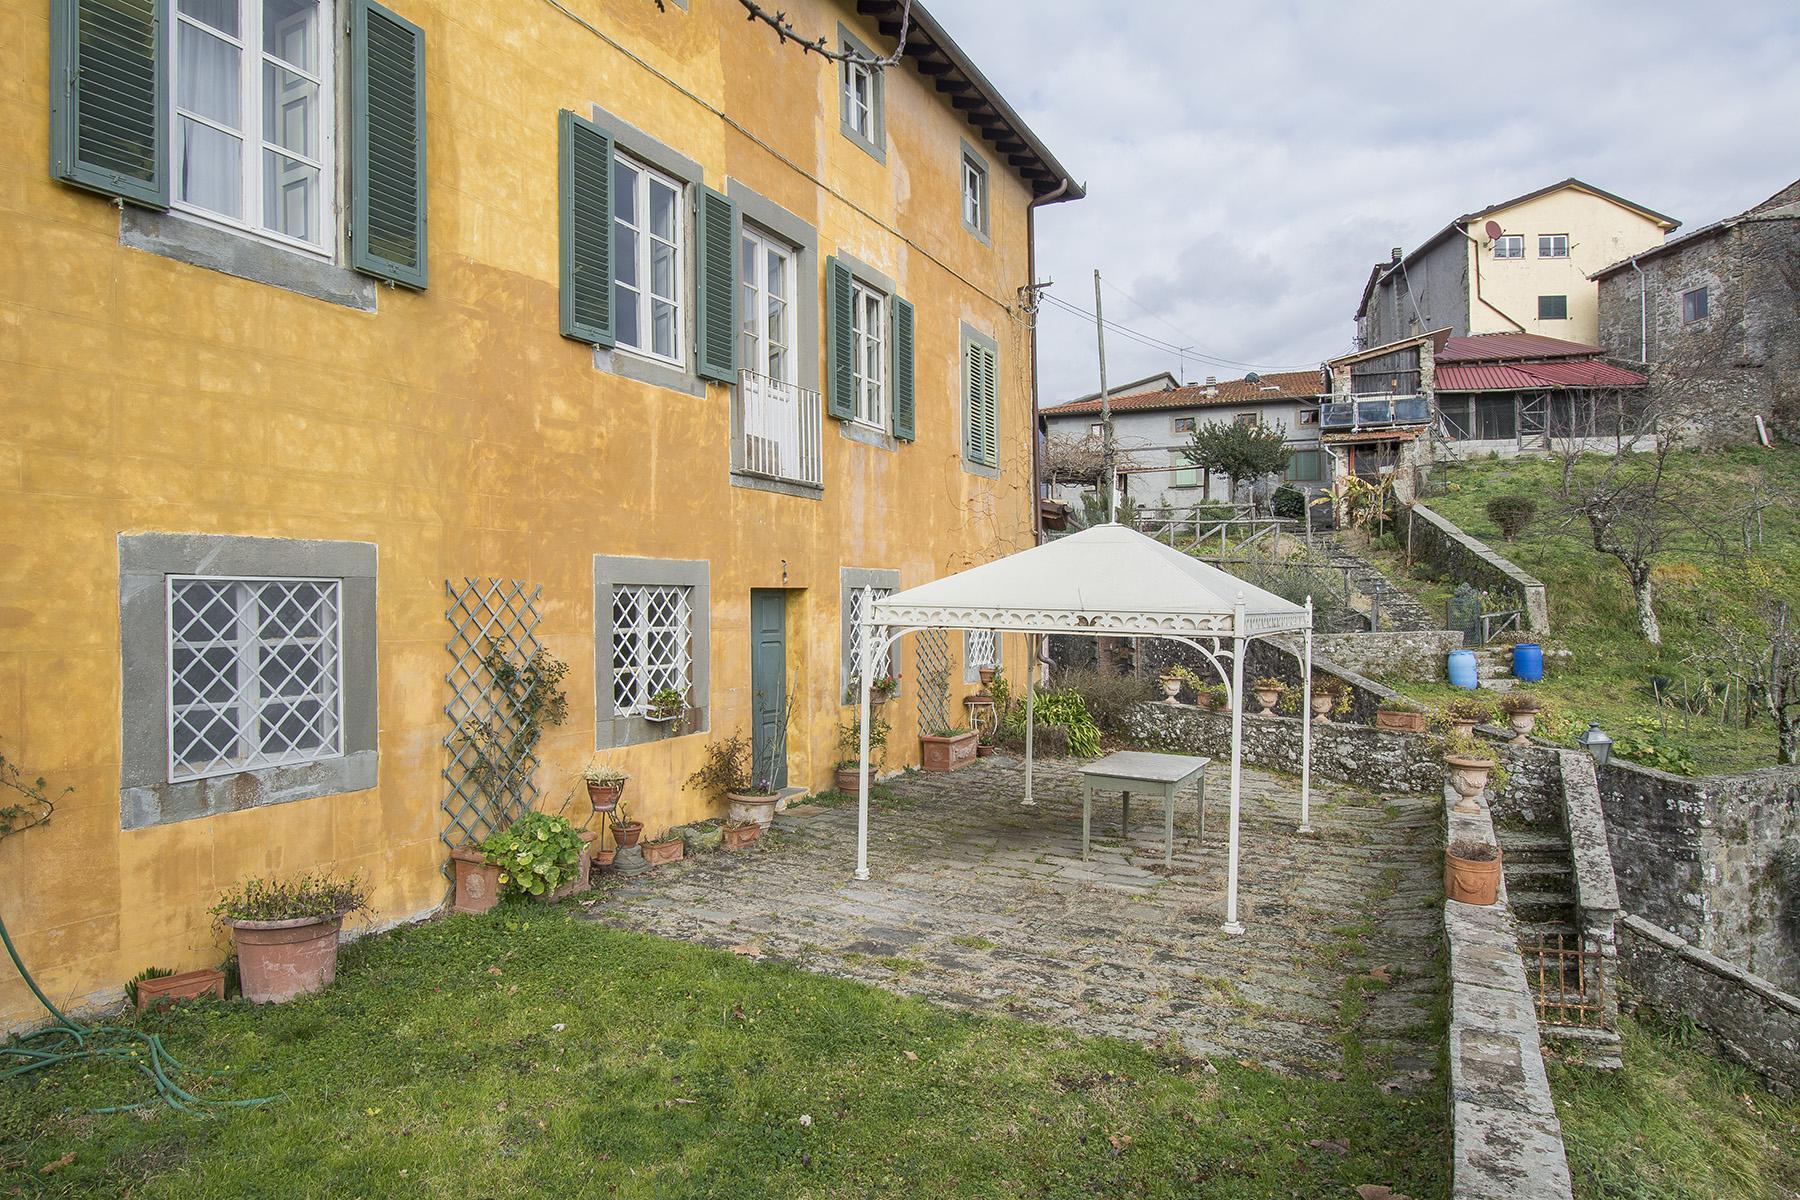 Villa historique près d'un village toscan médiéval - 18